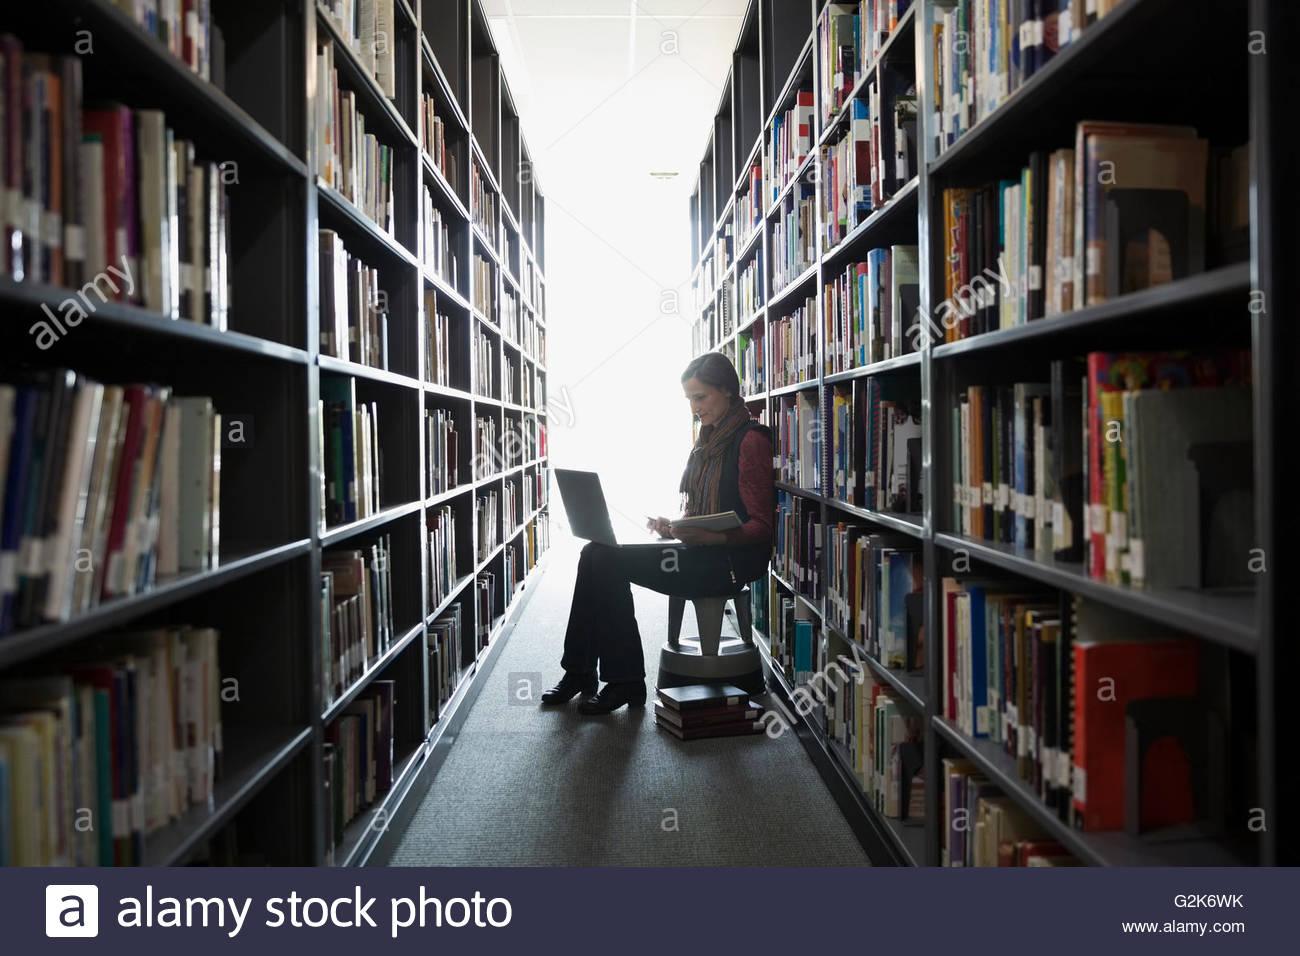 Educación de Adultos la investigación estudiantil en portátil entre estanterías de la biblioteca Imagen De Stock